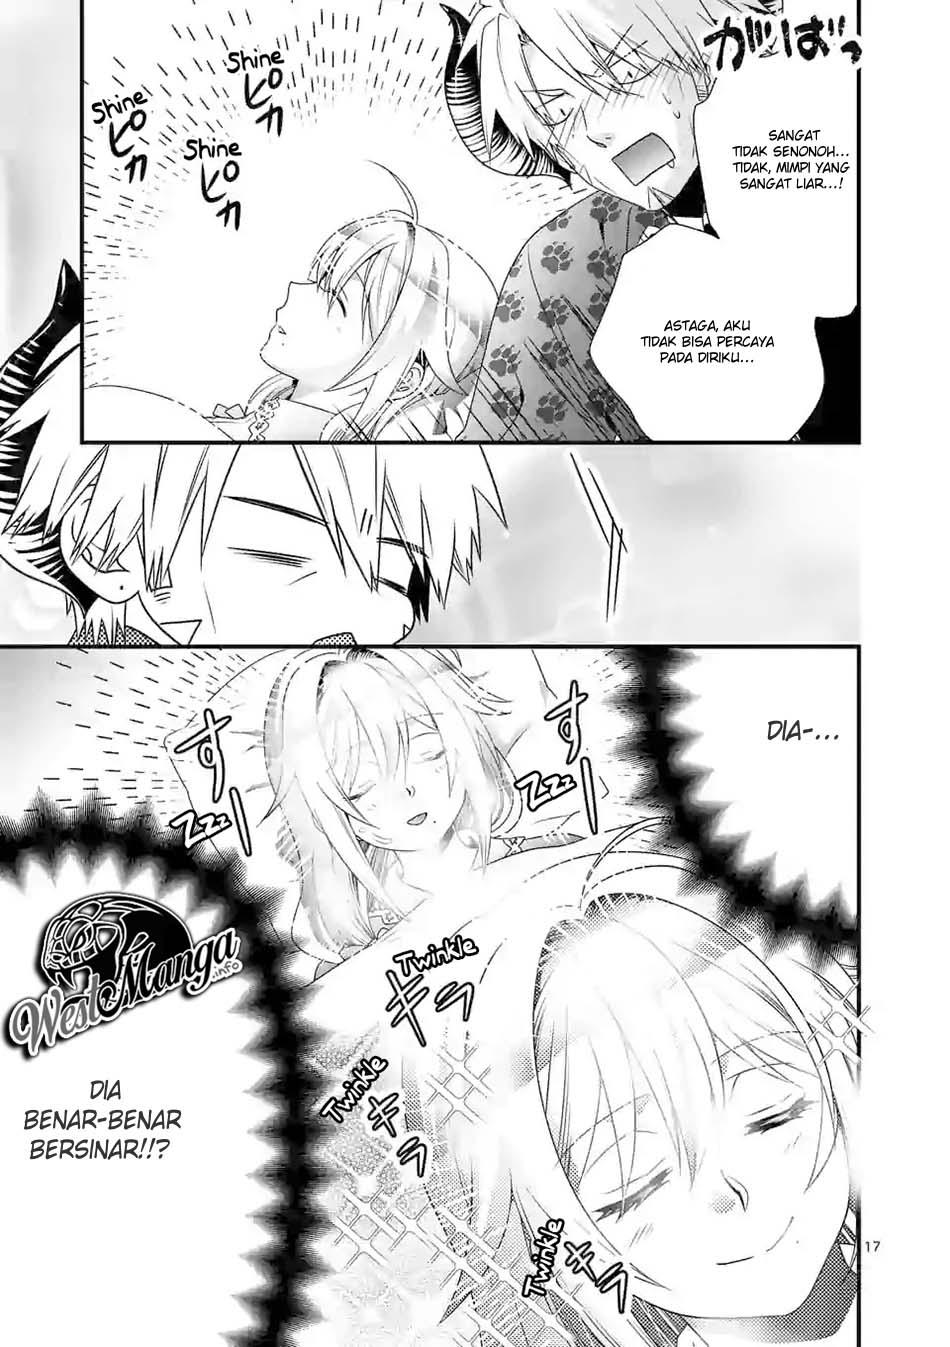 Maou desu Onna Yuusha no Hahaoya to Saikon Shita no de Onna Yuusha ga Giri no Musume ni Narimashita: Chapter 30 - Page 18